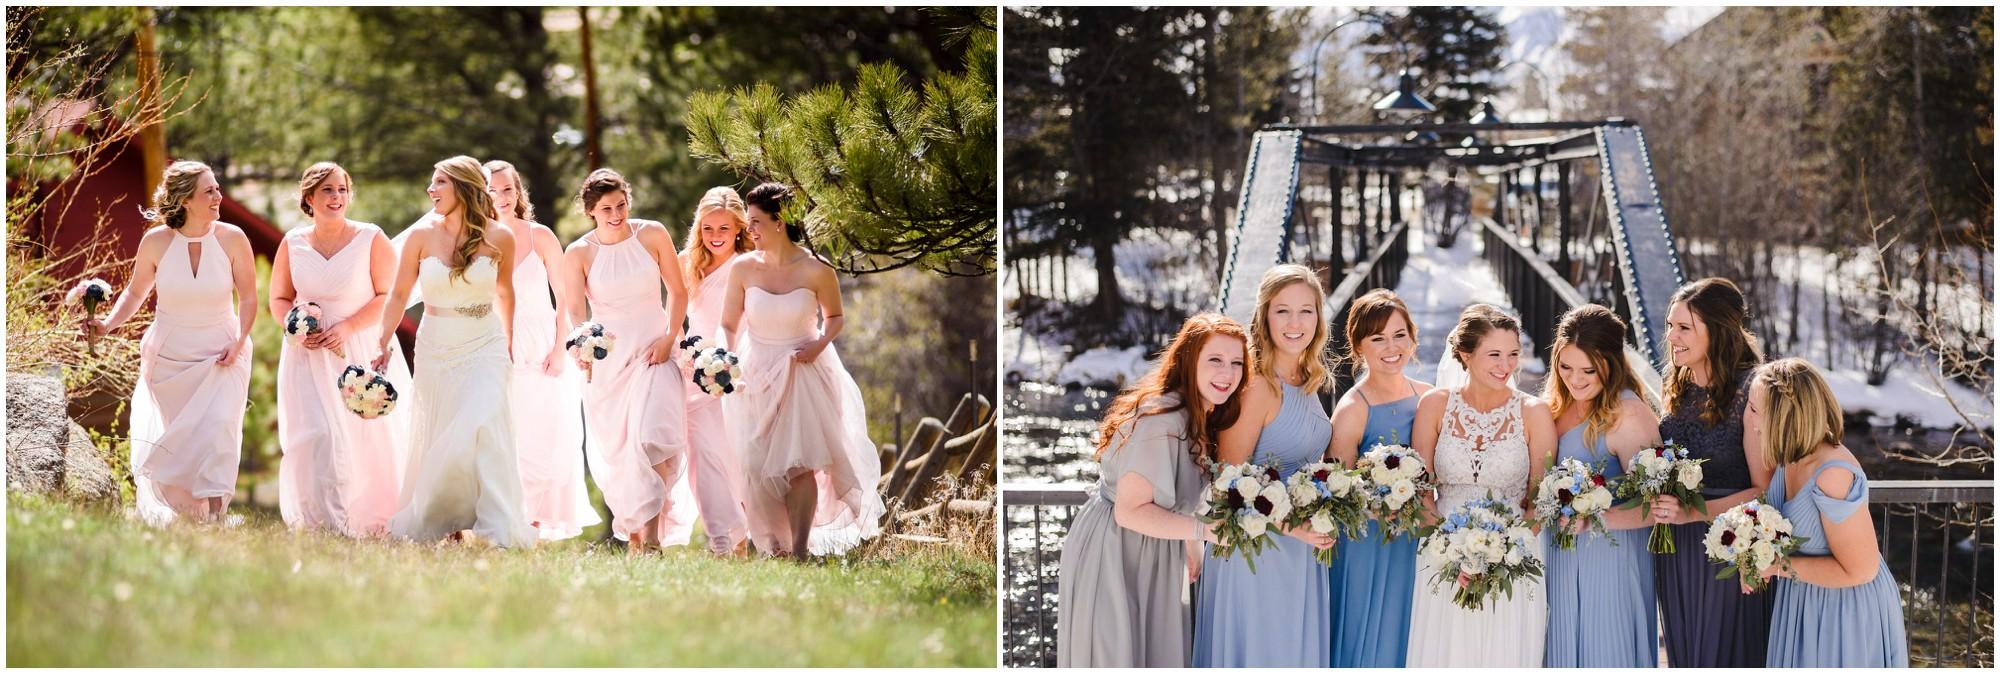 272-Estes-park-wedding-photography-Robinson.jpg